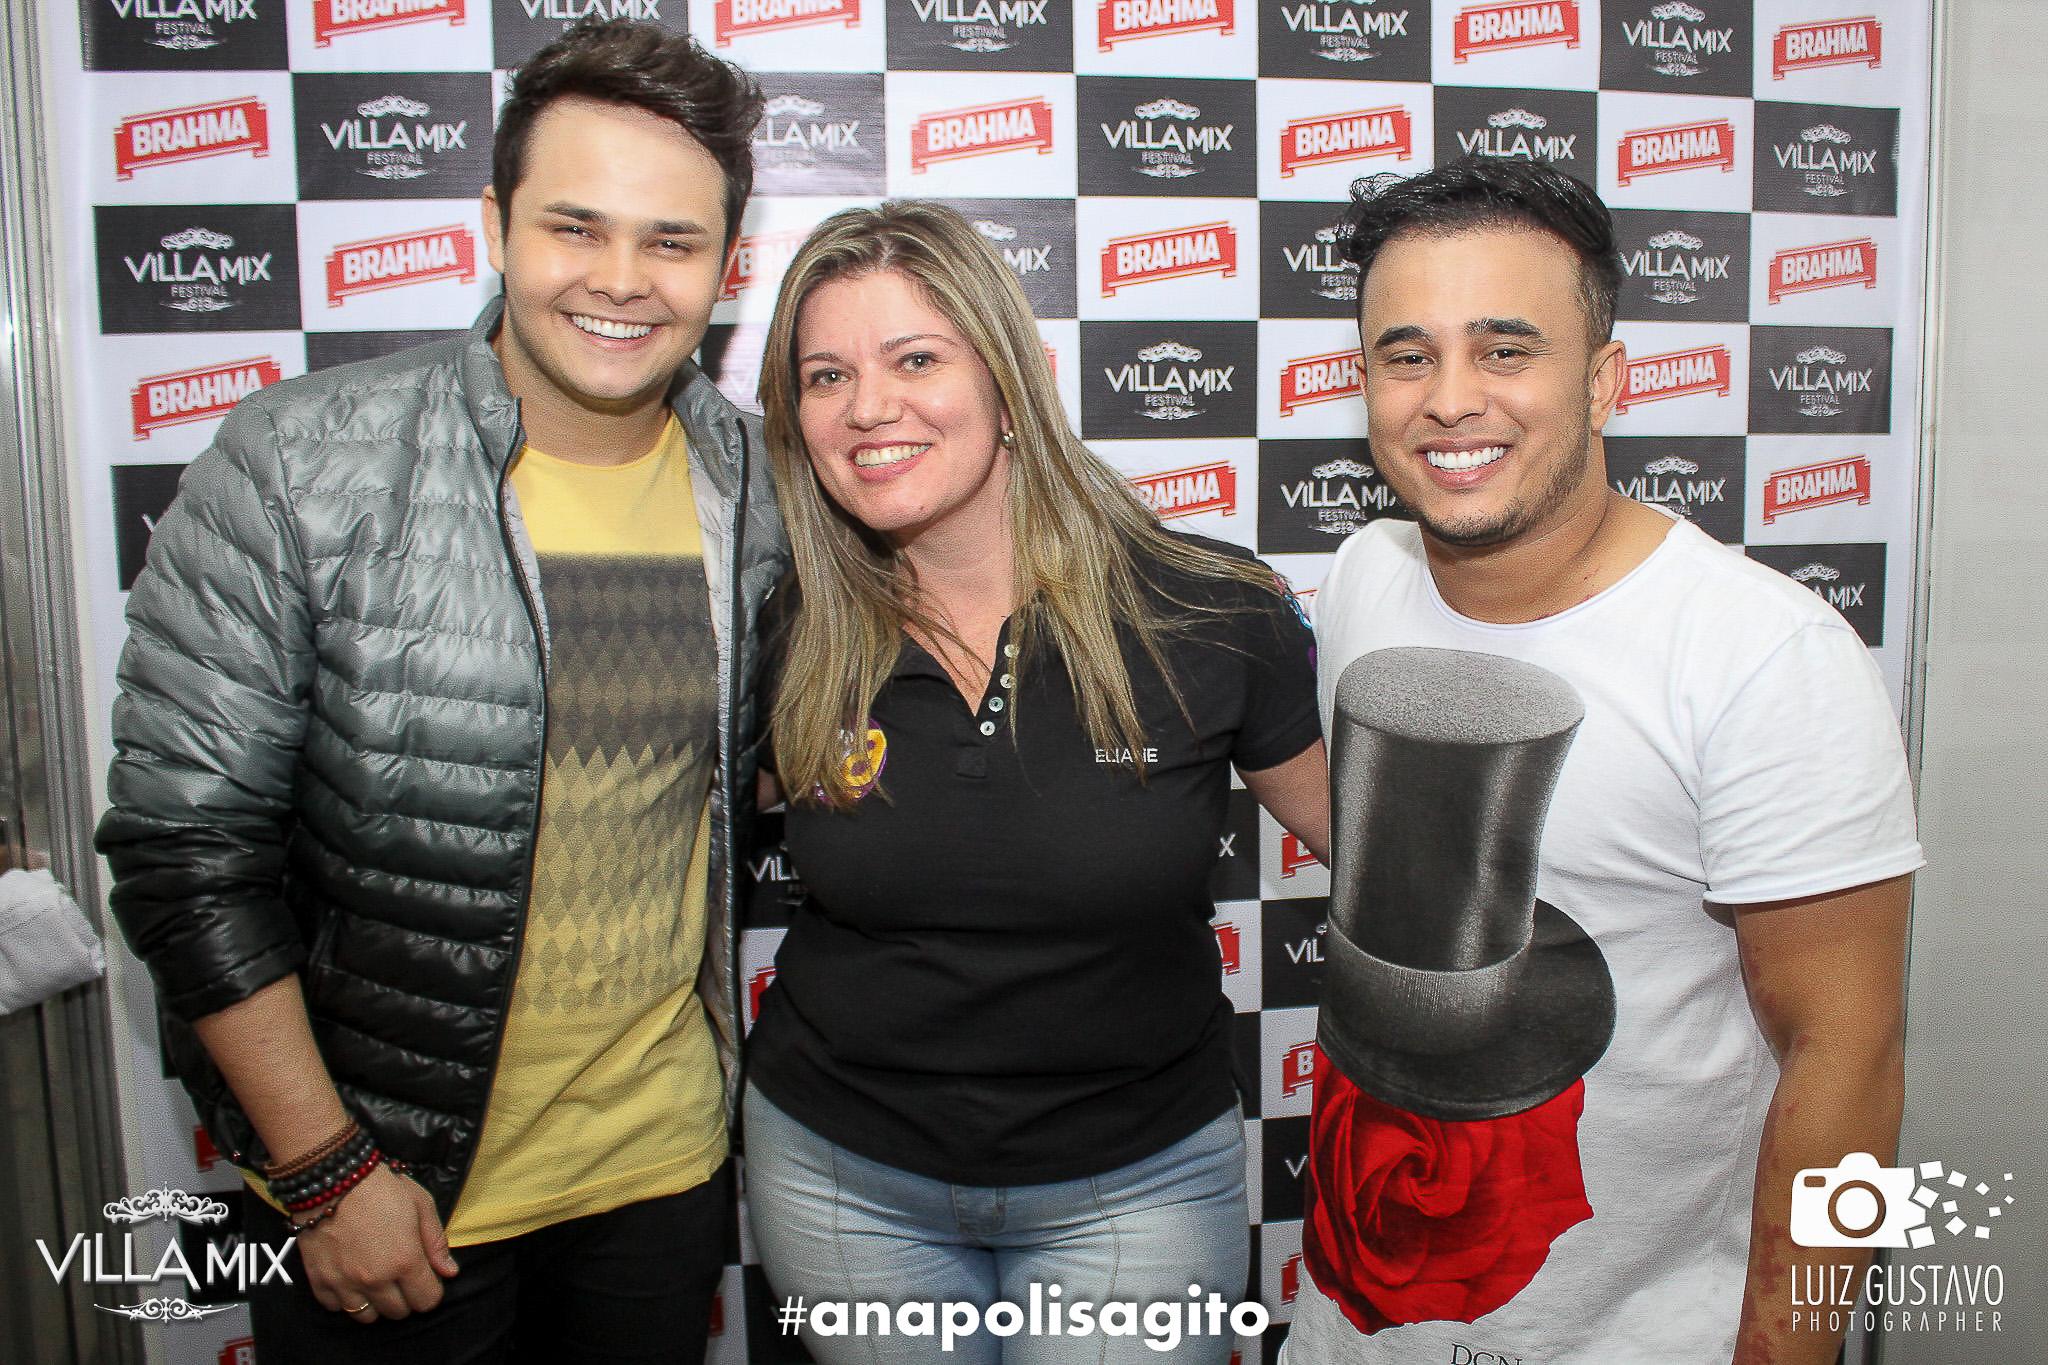 Luiz Gustavo Photographer (218 de 327)